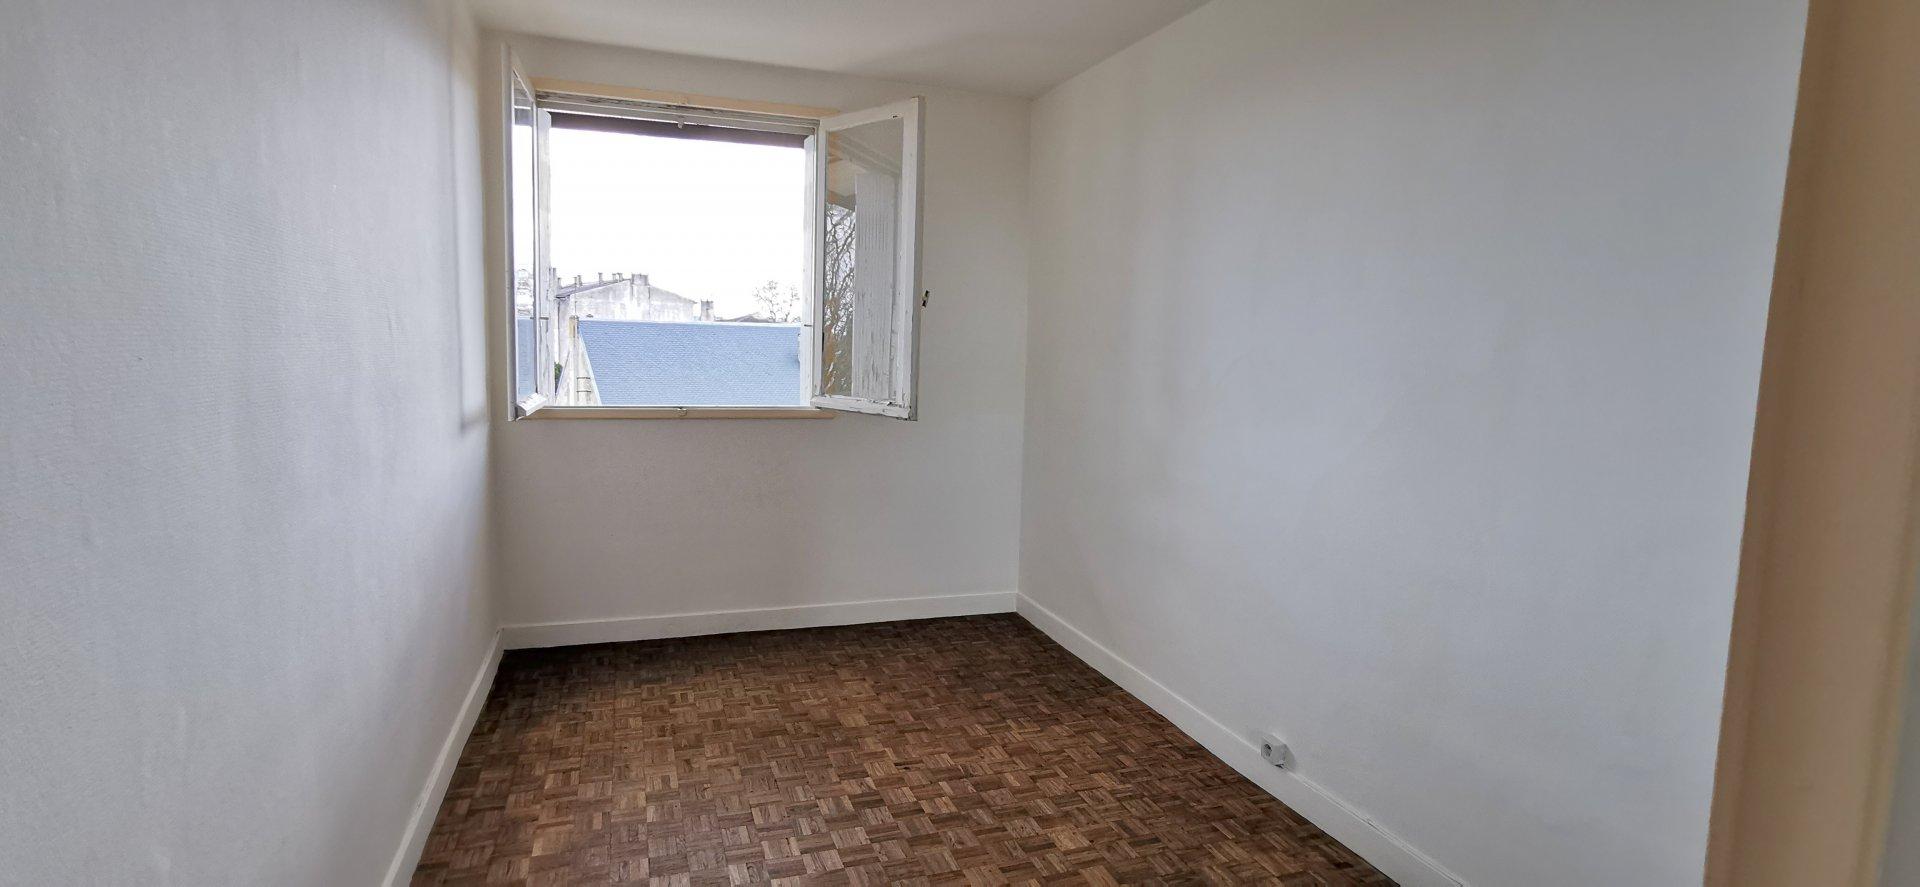 Appartement T5 Centre ville